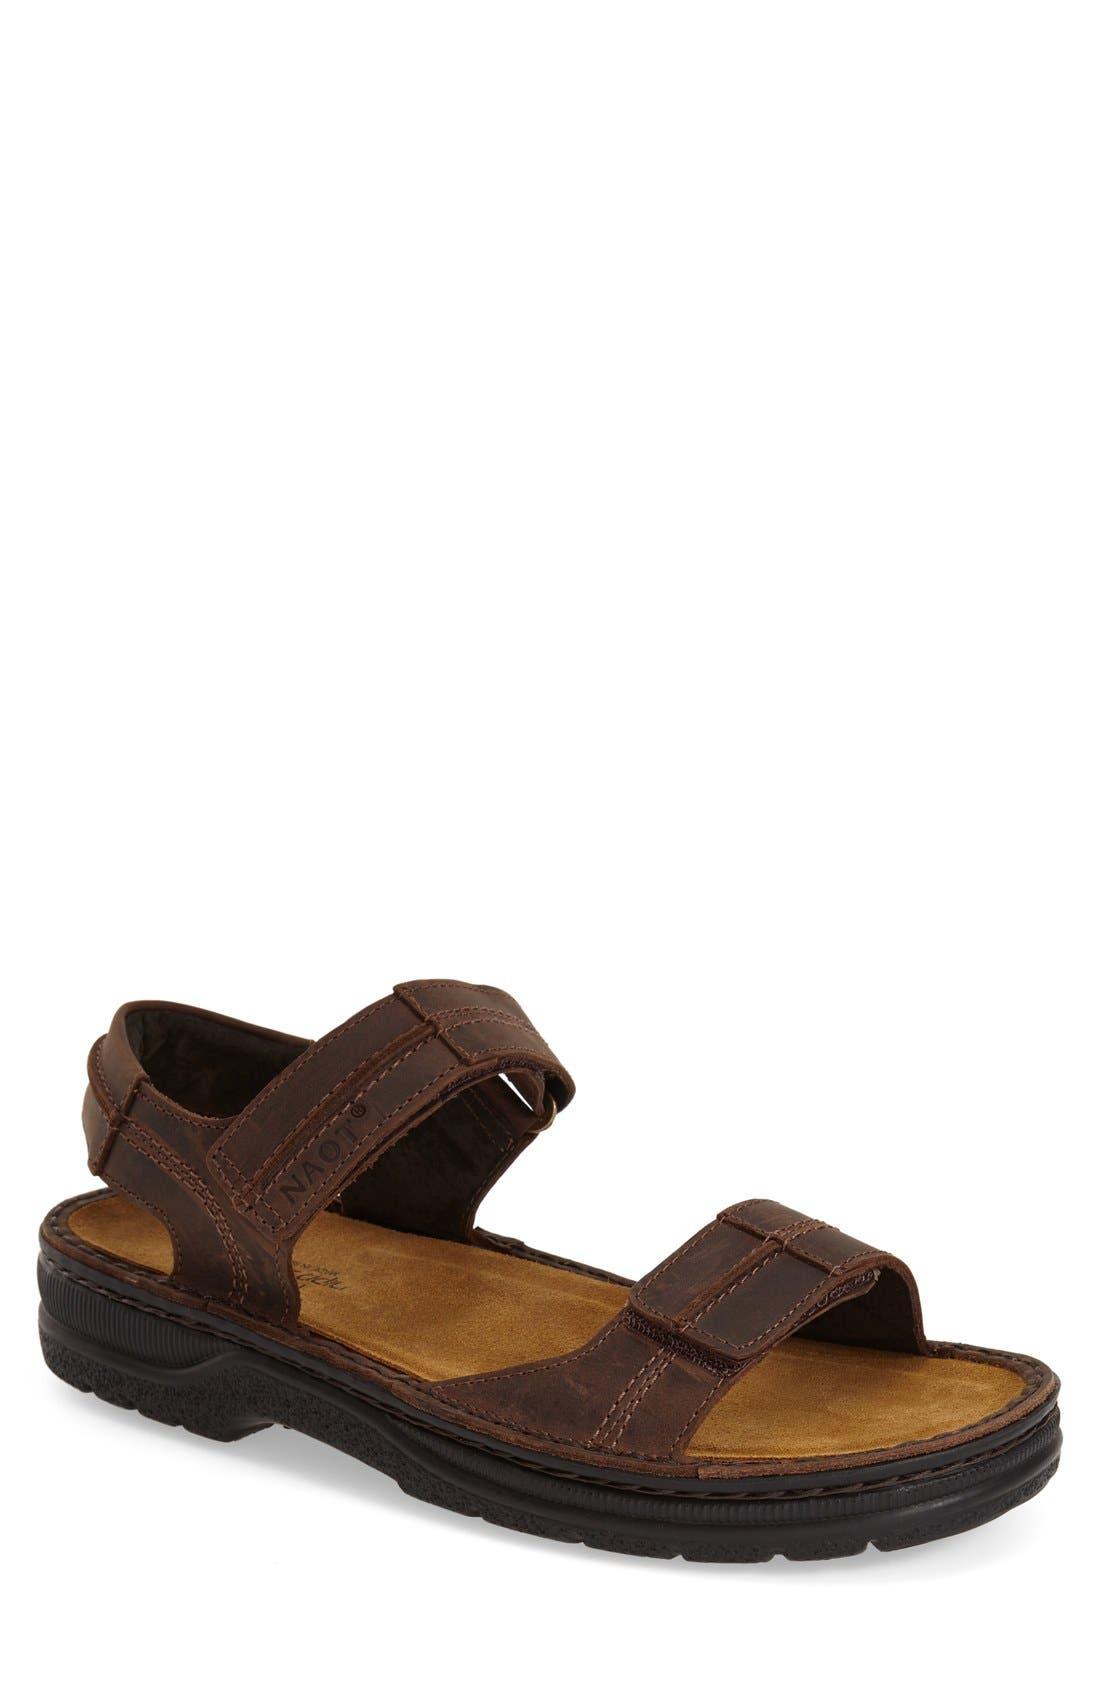 Balkan Sandal,                             Main thumbnail 1, color,                             Brown Leather